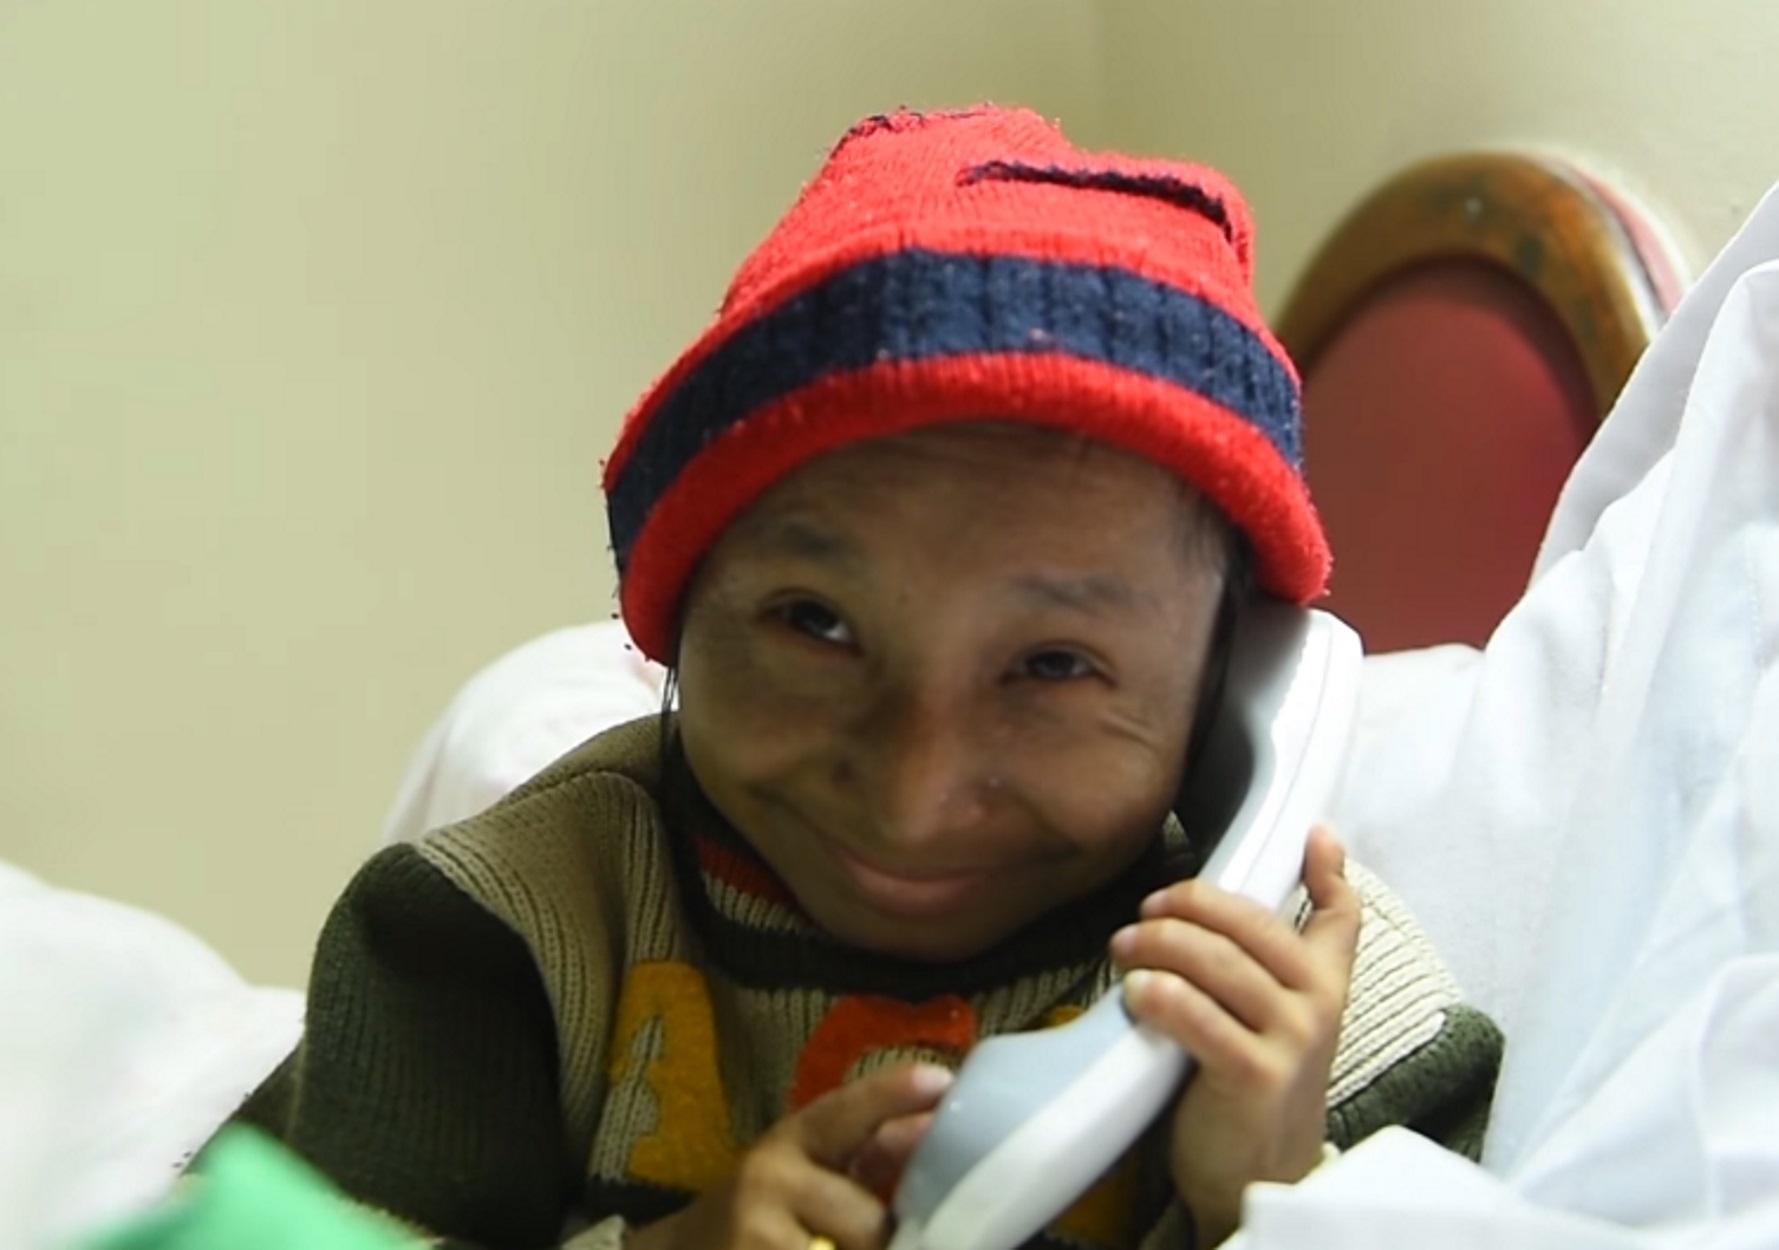 Καγκέντρα Θάπα Μάγκαρ: Πέθανε ο πιο μικρόσωμος άνθρωπος του κόσμου! video